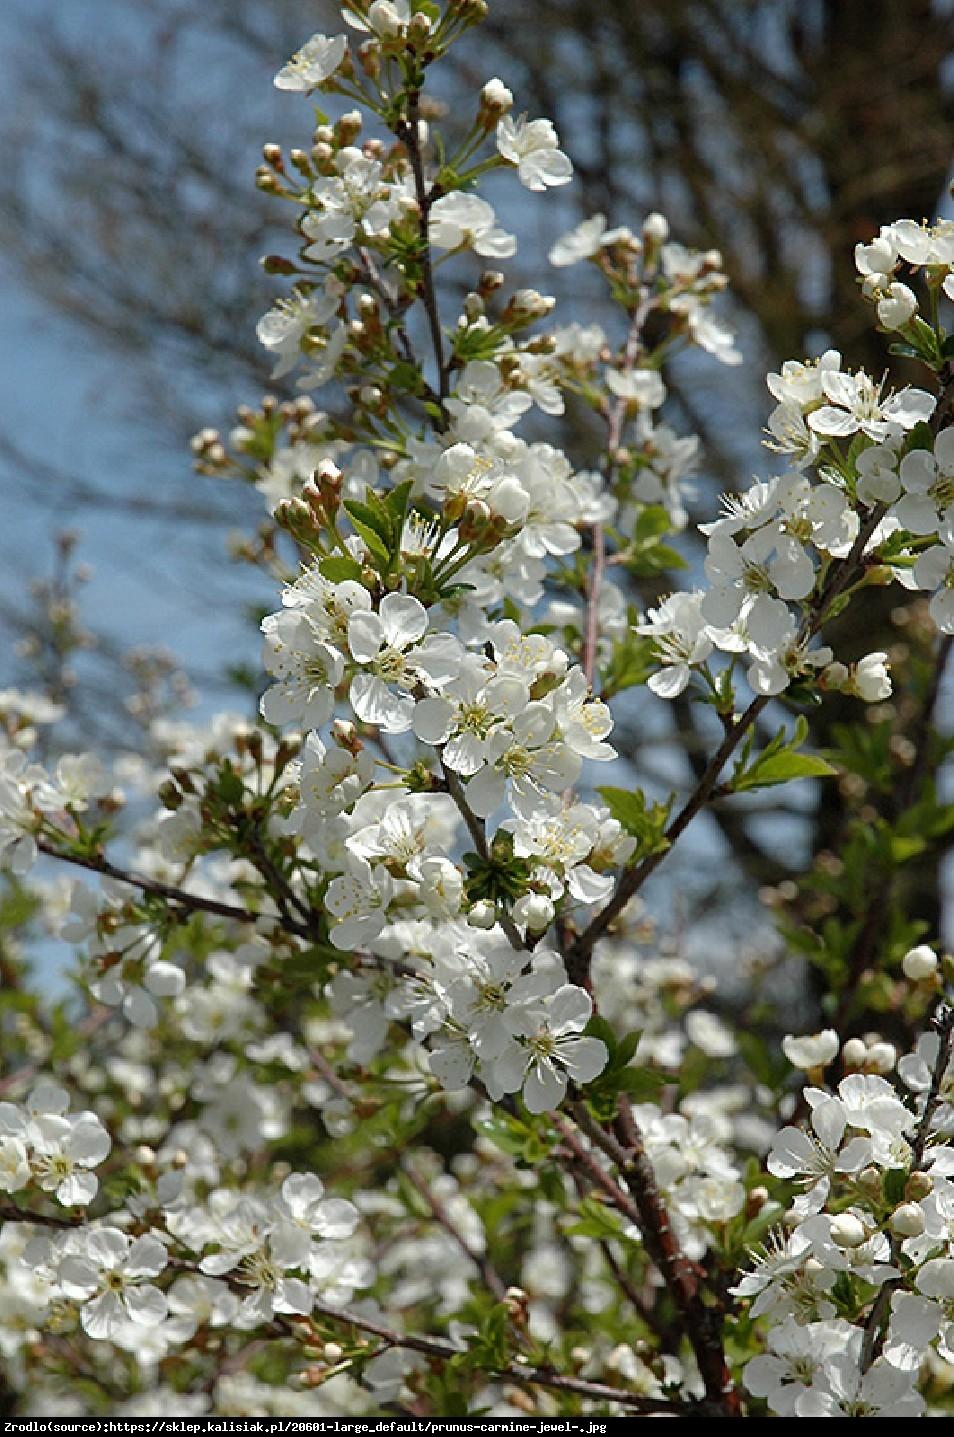 Wiśnia karłowa Carmine Jewel - Prunus Carmine Jewel